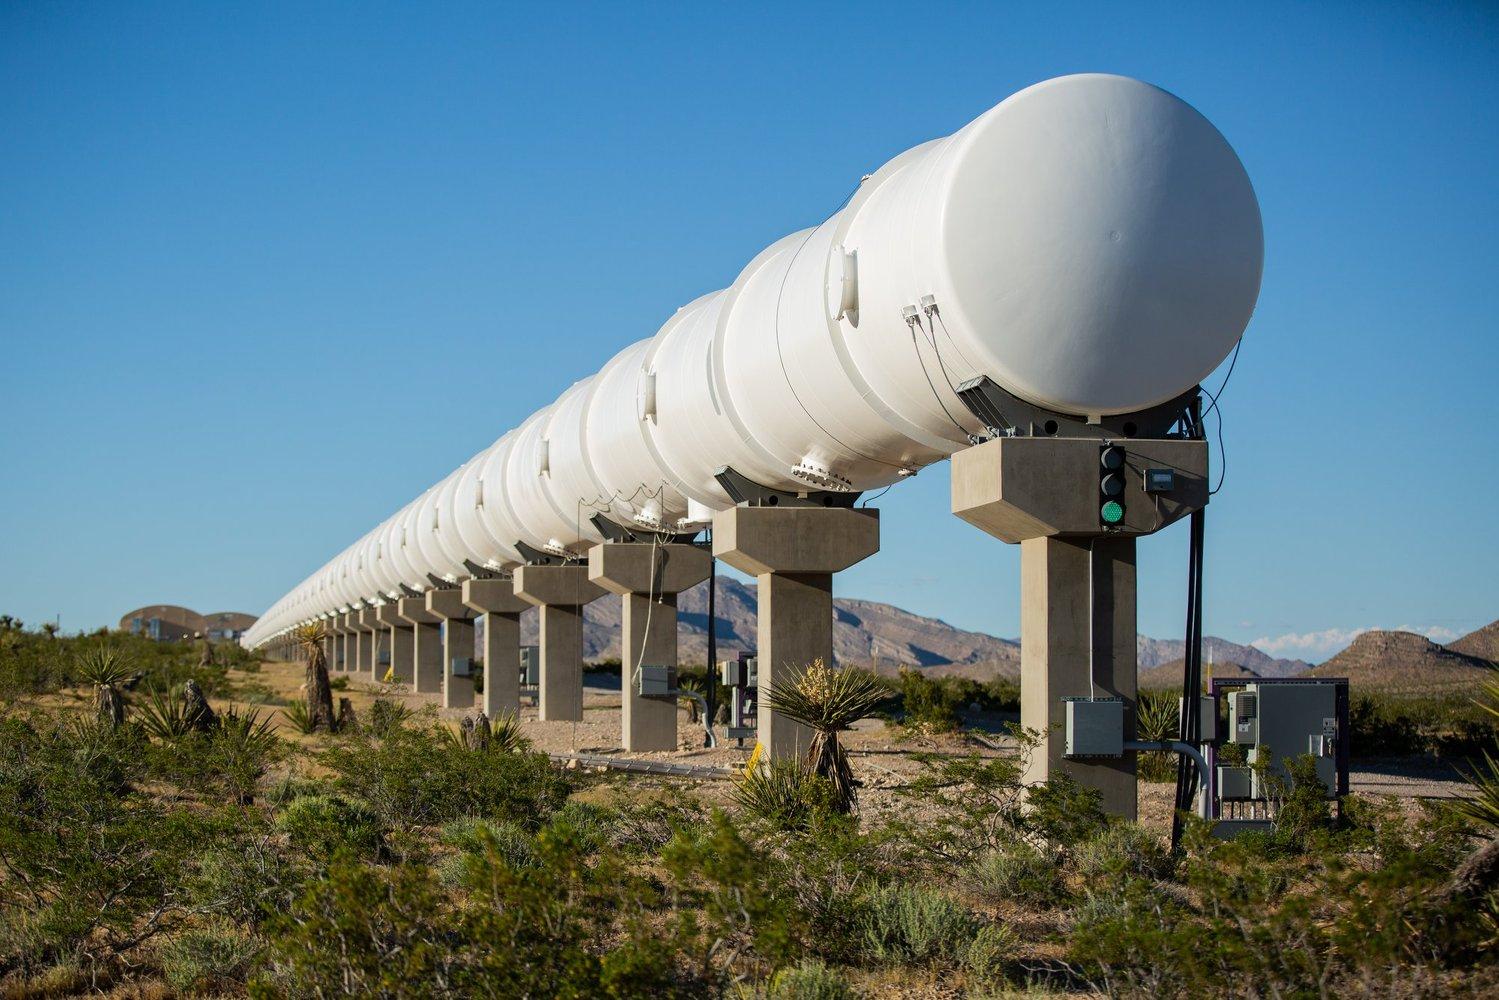 Virgin Hyperloop One-Visual Atelier 8-Technology-2.jpg